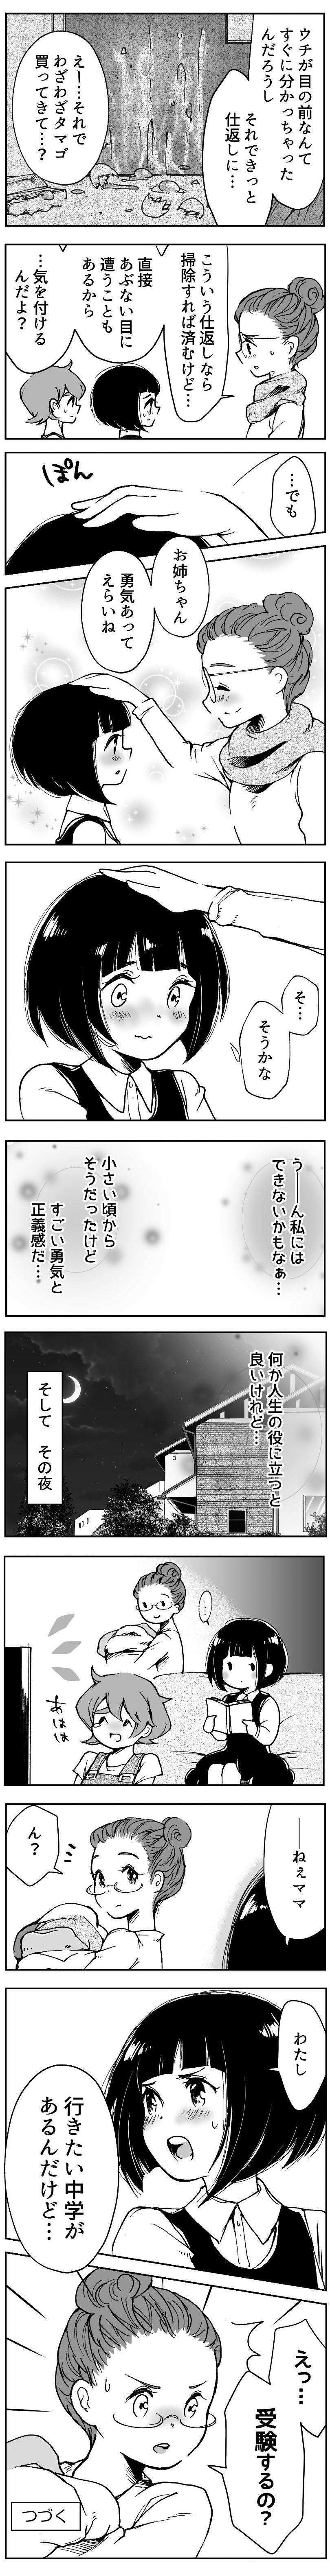 68-3.jpg